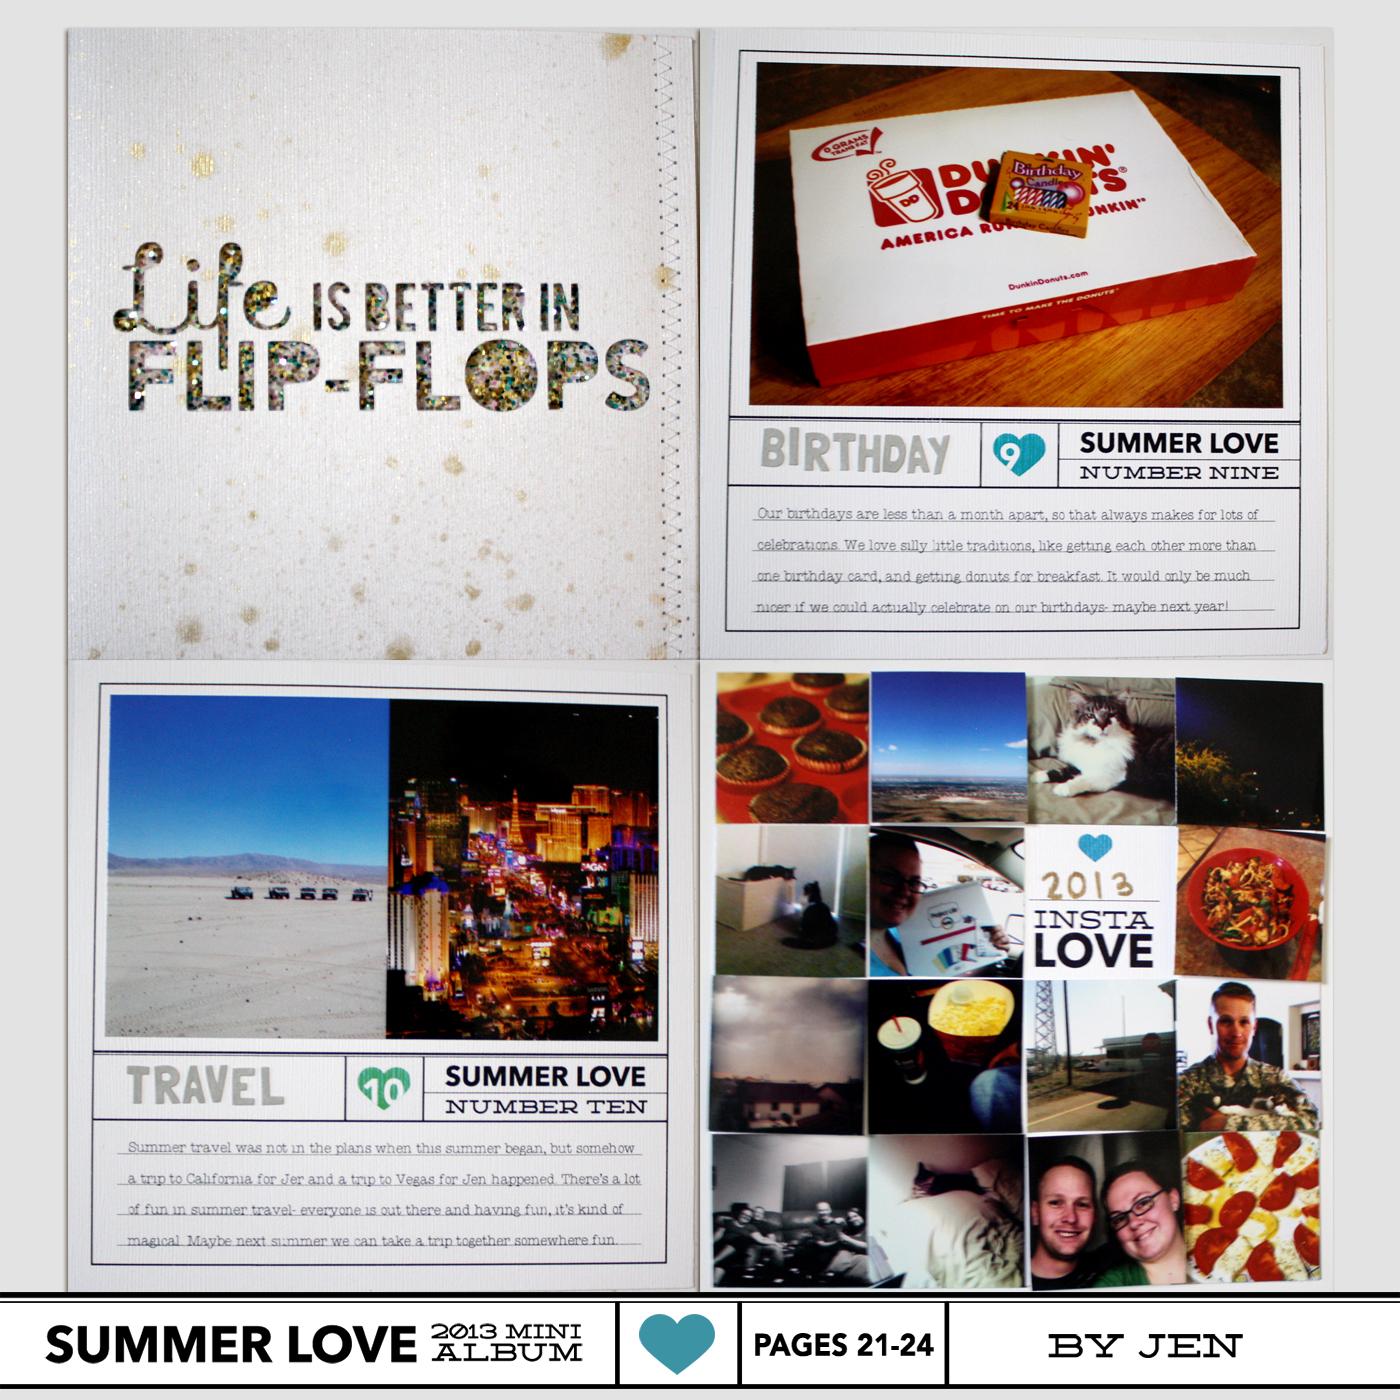 nettiodesigns_SummerLove-pg21-24-Jen